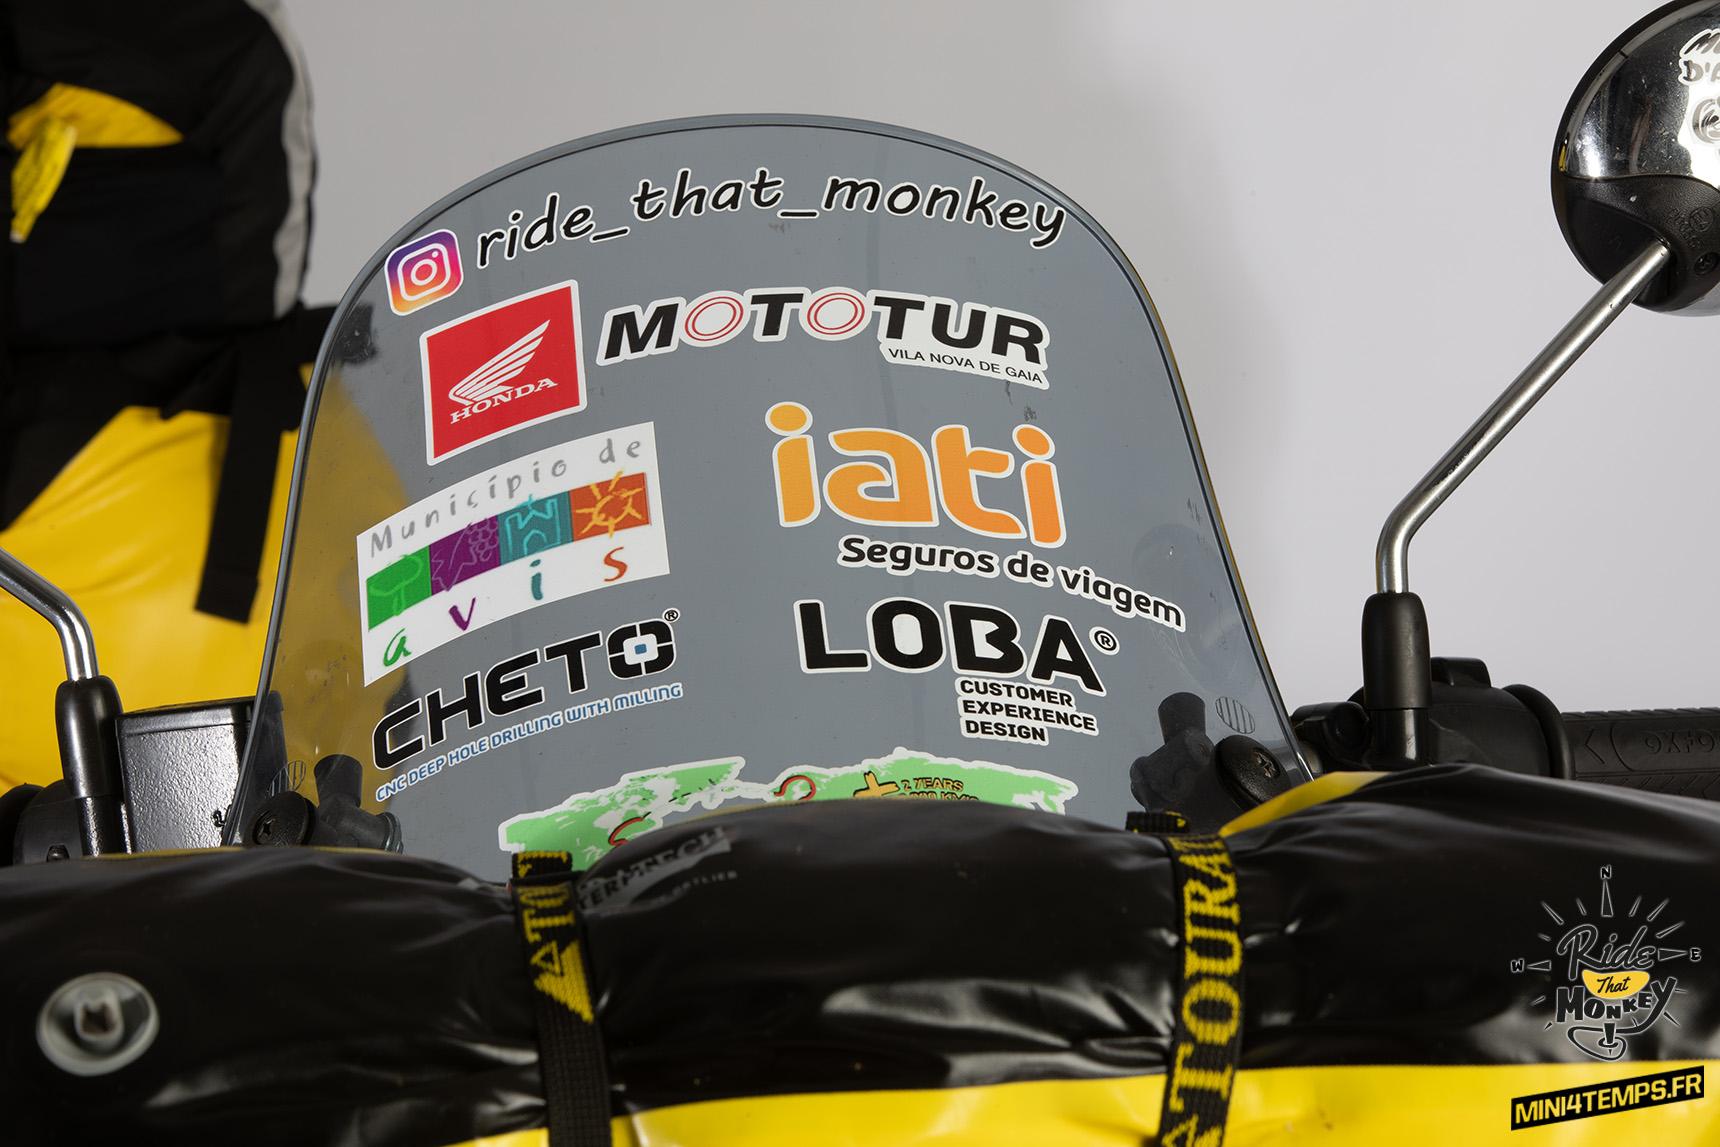 Un tour du monde en Honda Monkey 125 avec André Sousa - mini4temps.fr